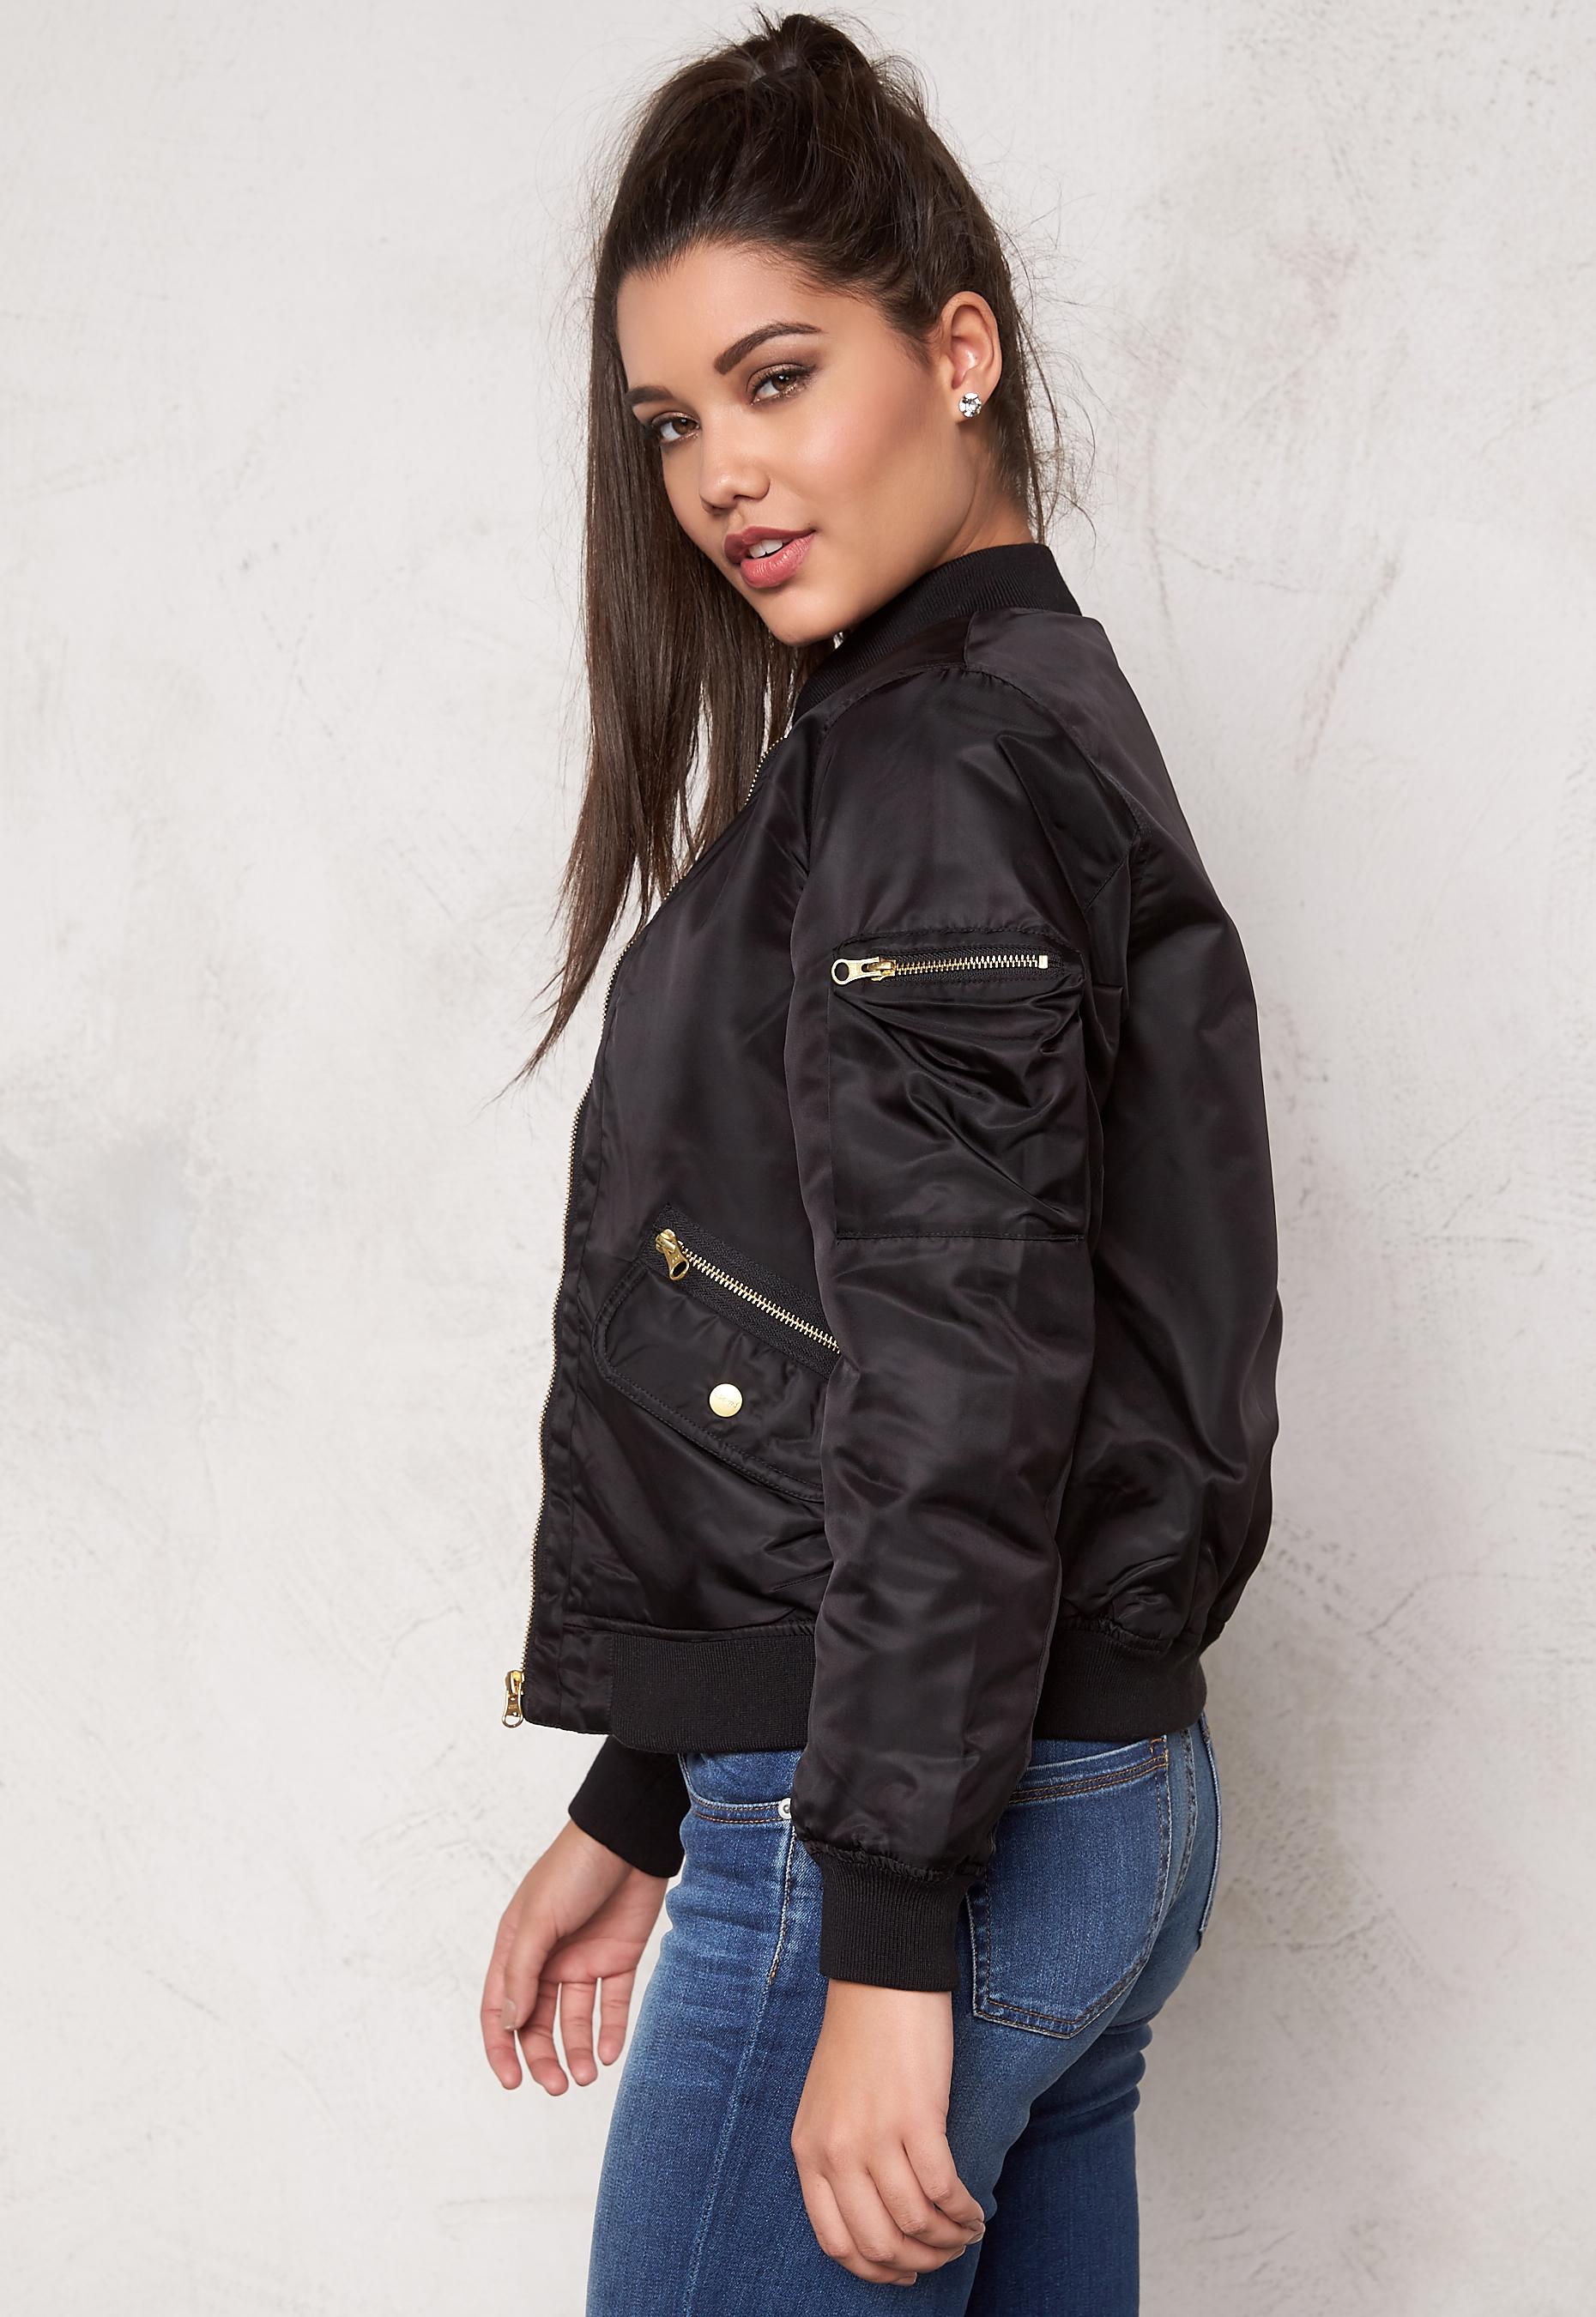 D.Brand Golden Zip Bomber Jacket Black Bubbleroom